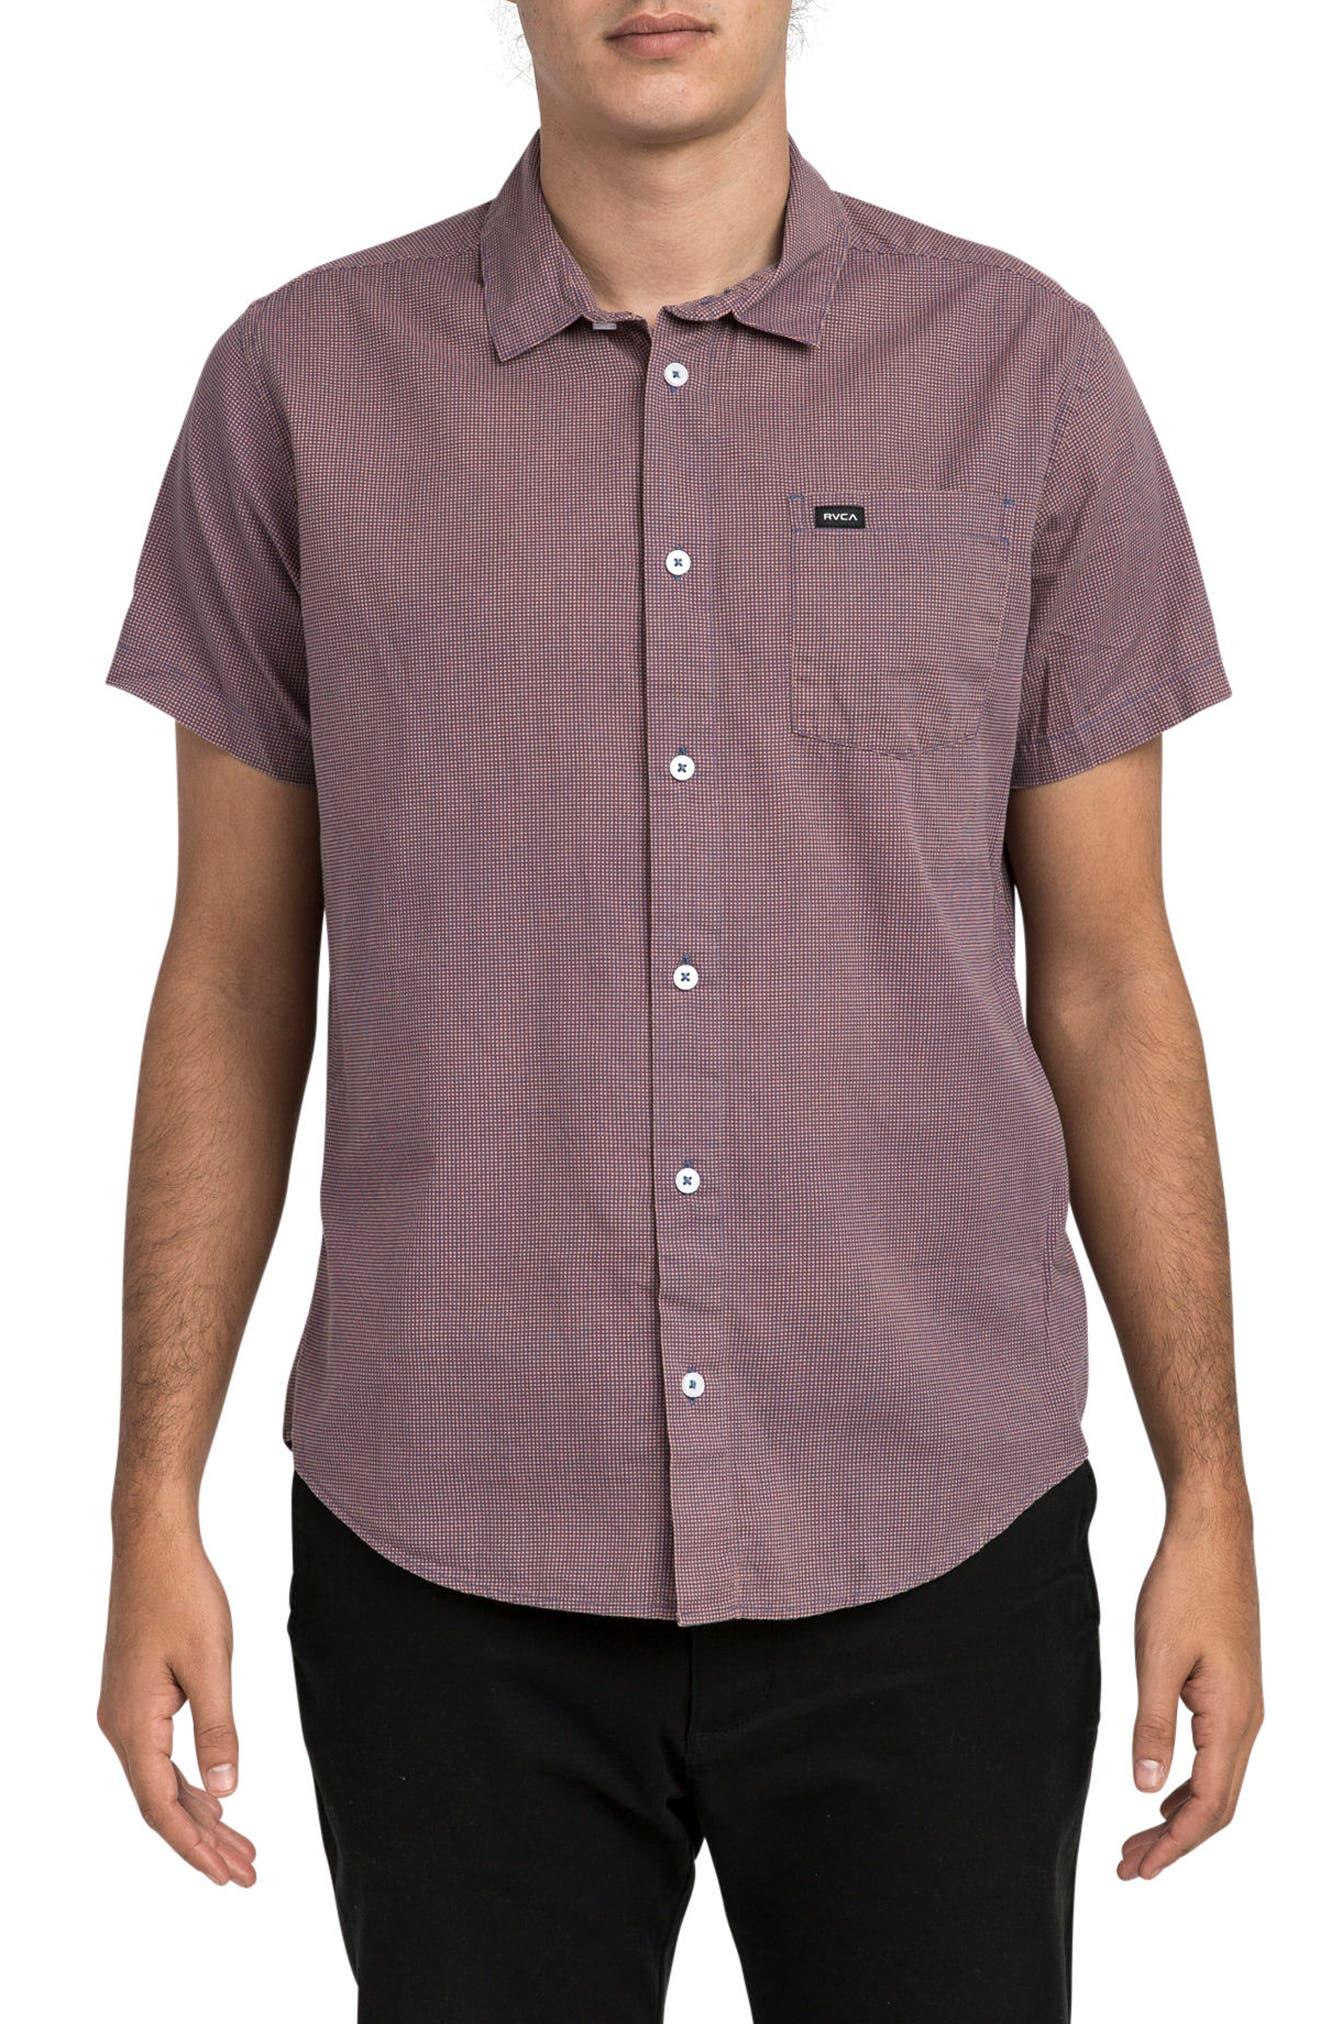 No Name Woven Shirt,                             Main thumbnail 1, color,                             600